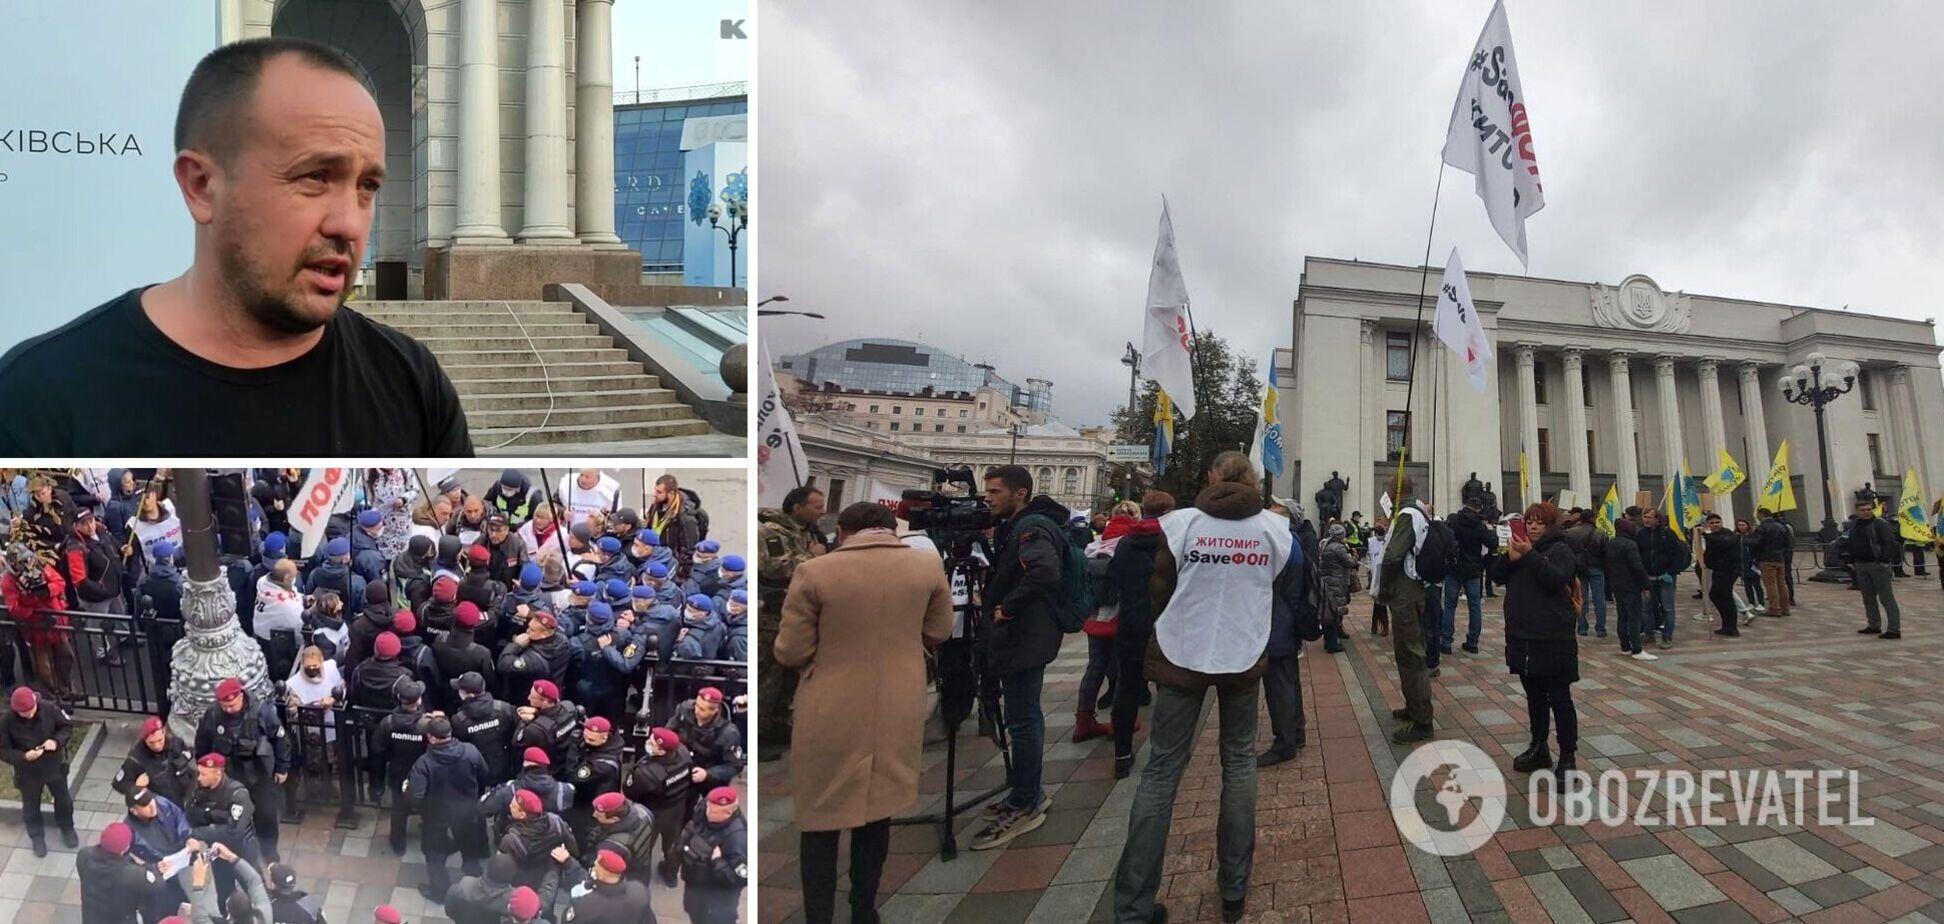 В Киеве на акции протеста у Рады задержали главу движения SaveФОП. Фото и видео